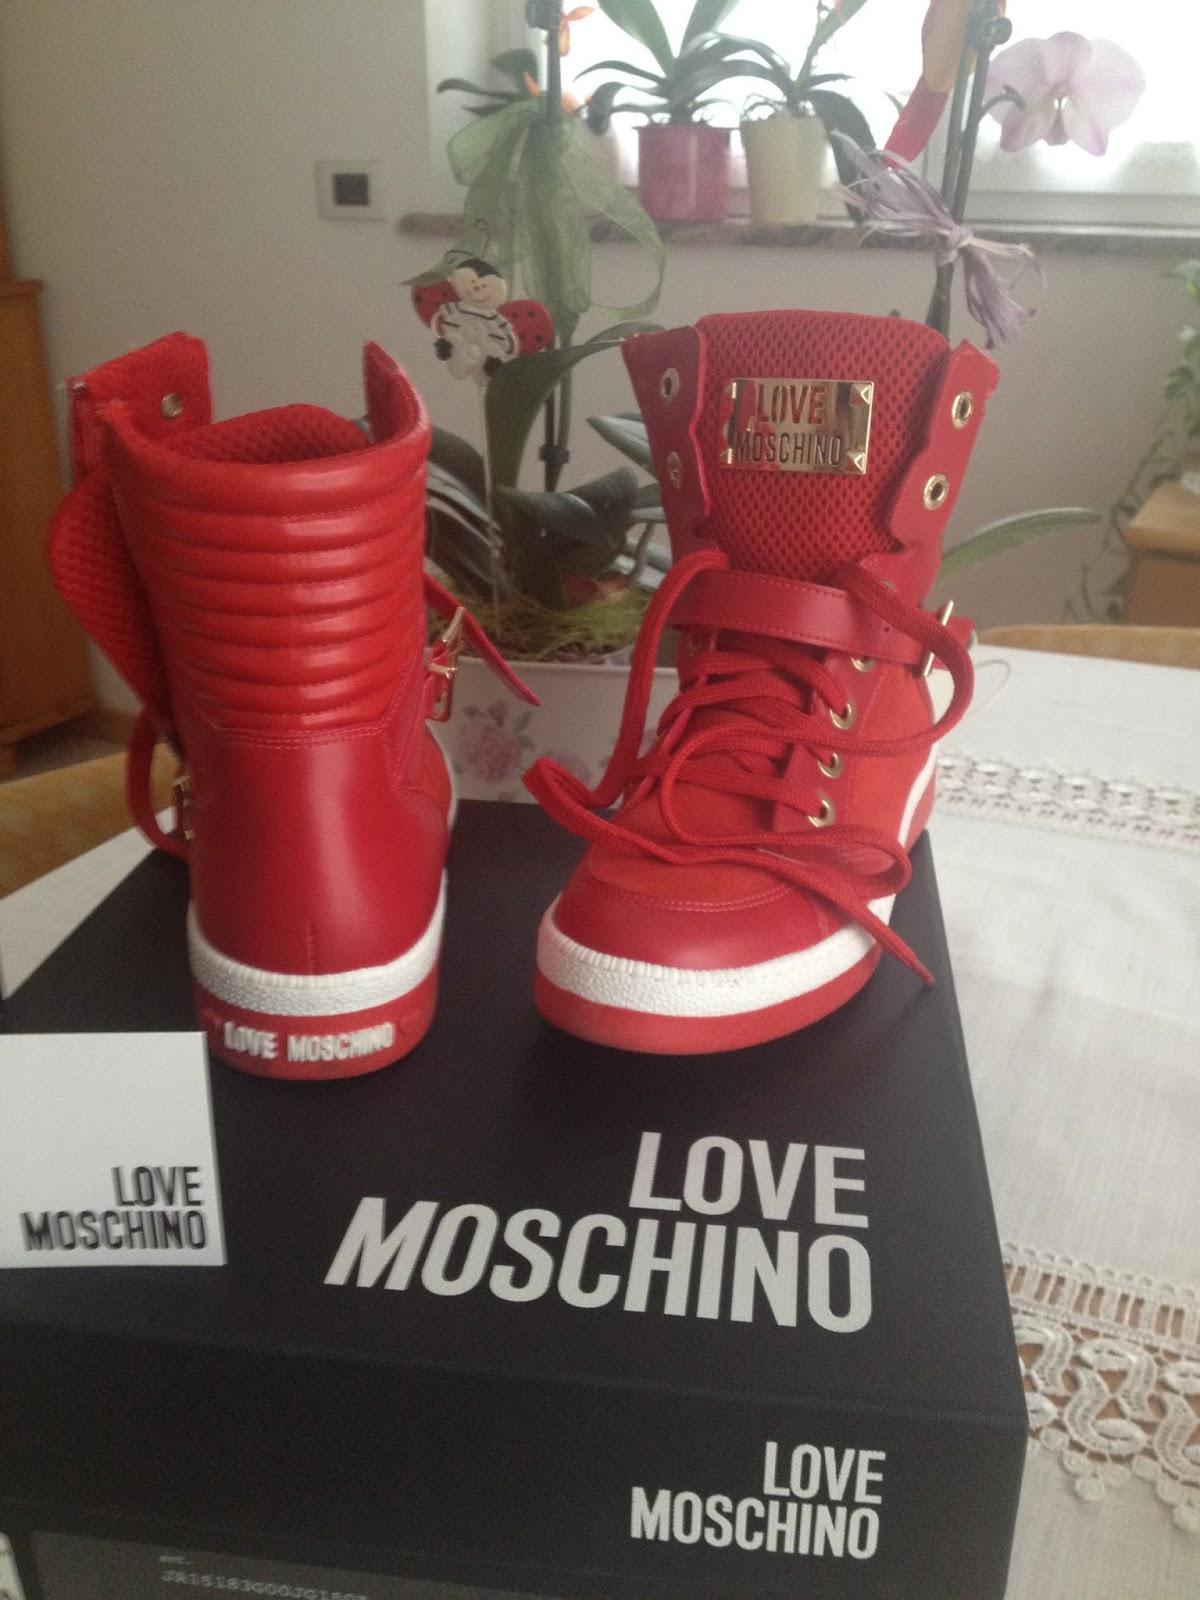 Ci Sneaker Moschino Ma Love Piace Quanto Chiacchierare 7Tqg6